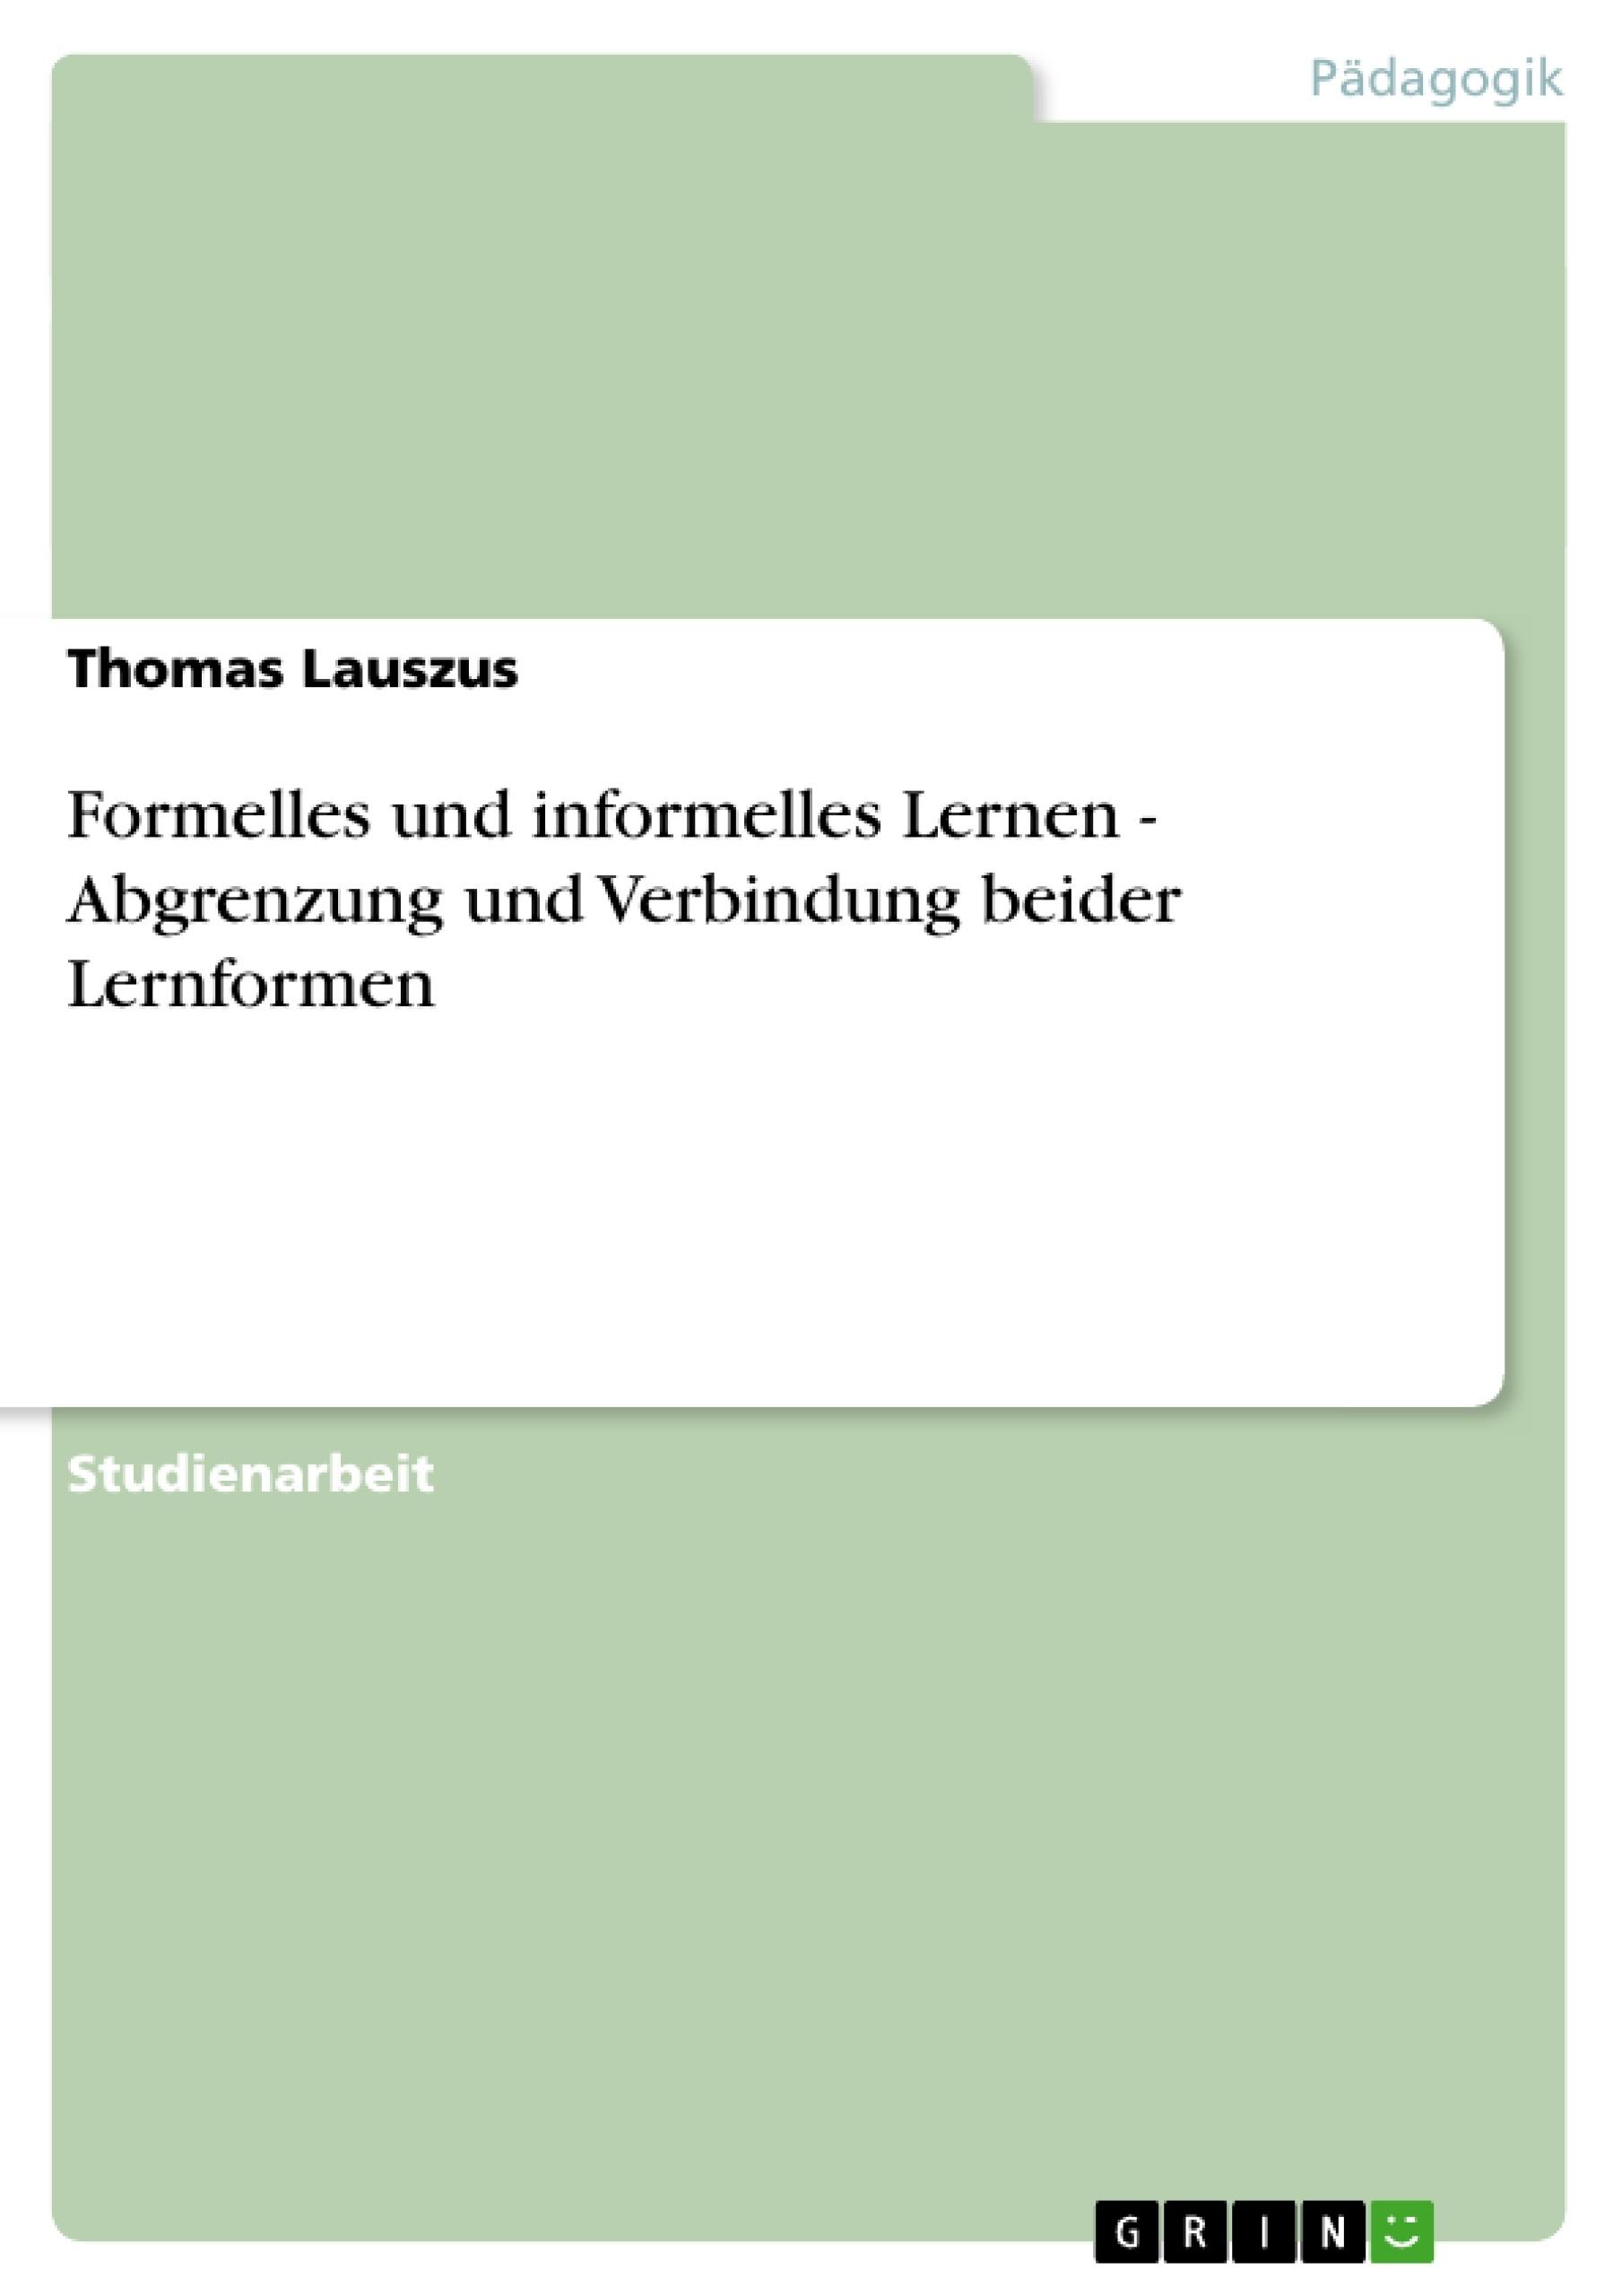 Titel: Formelles und informelles Lernen - Abgrenzung und Verbindung beider Lernformen